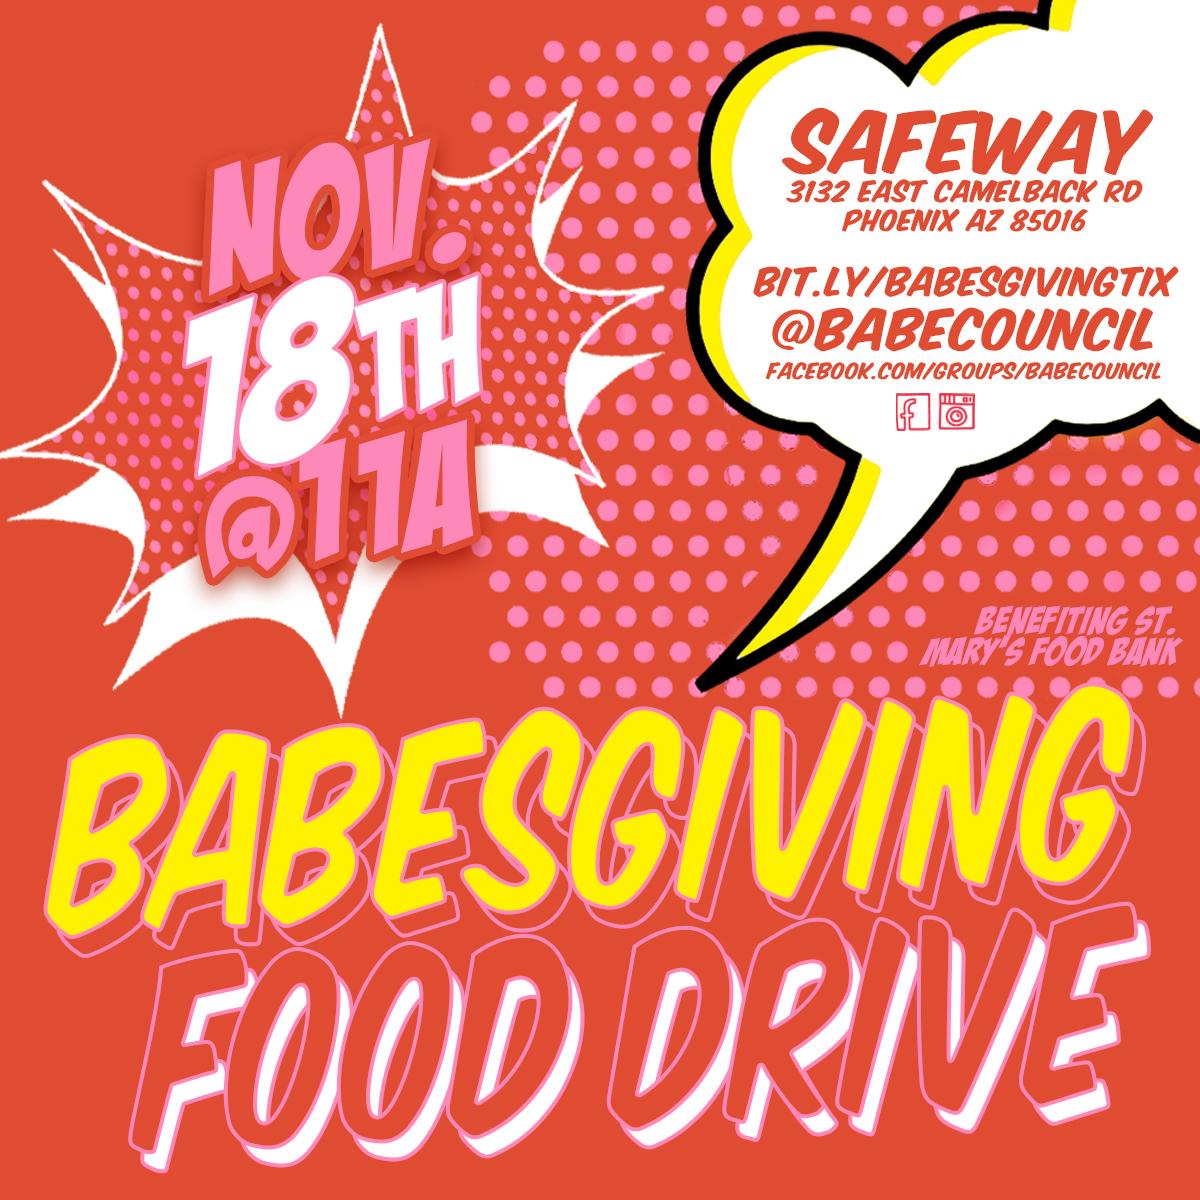 Babesgiving Food Drive Nov 18th 2017